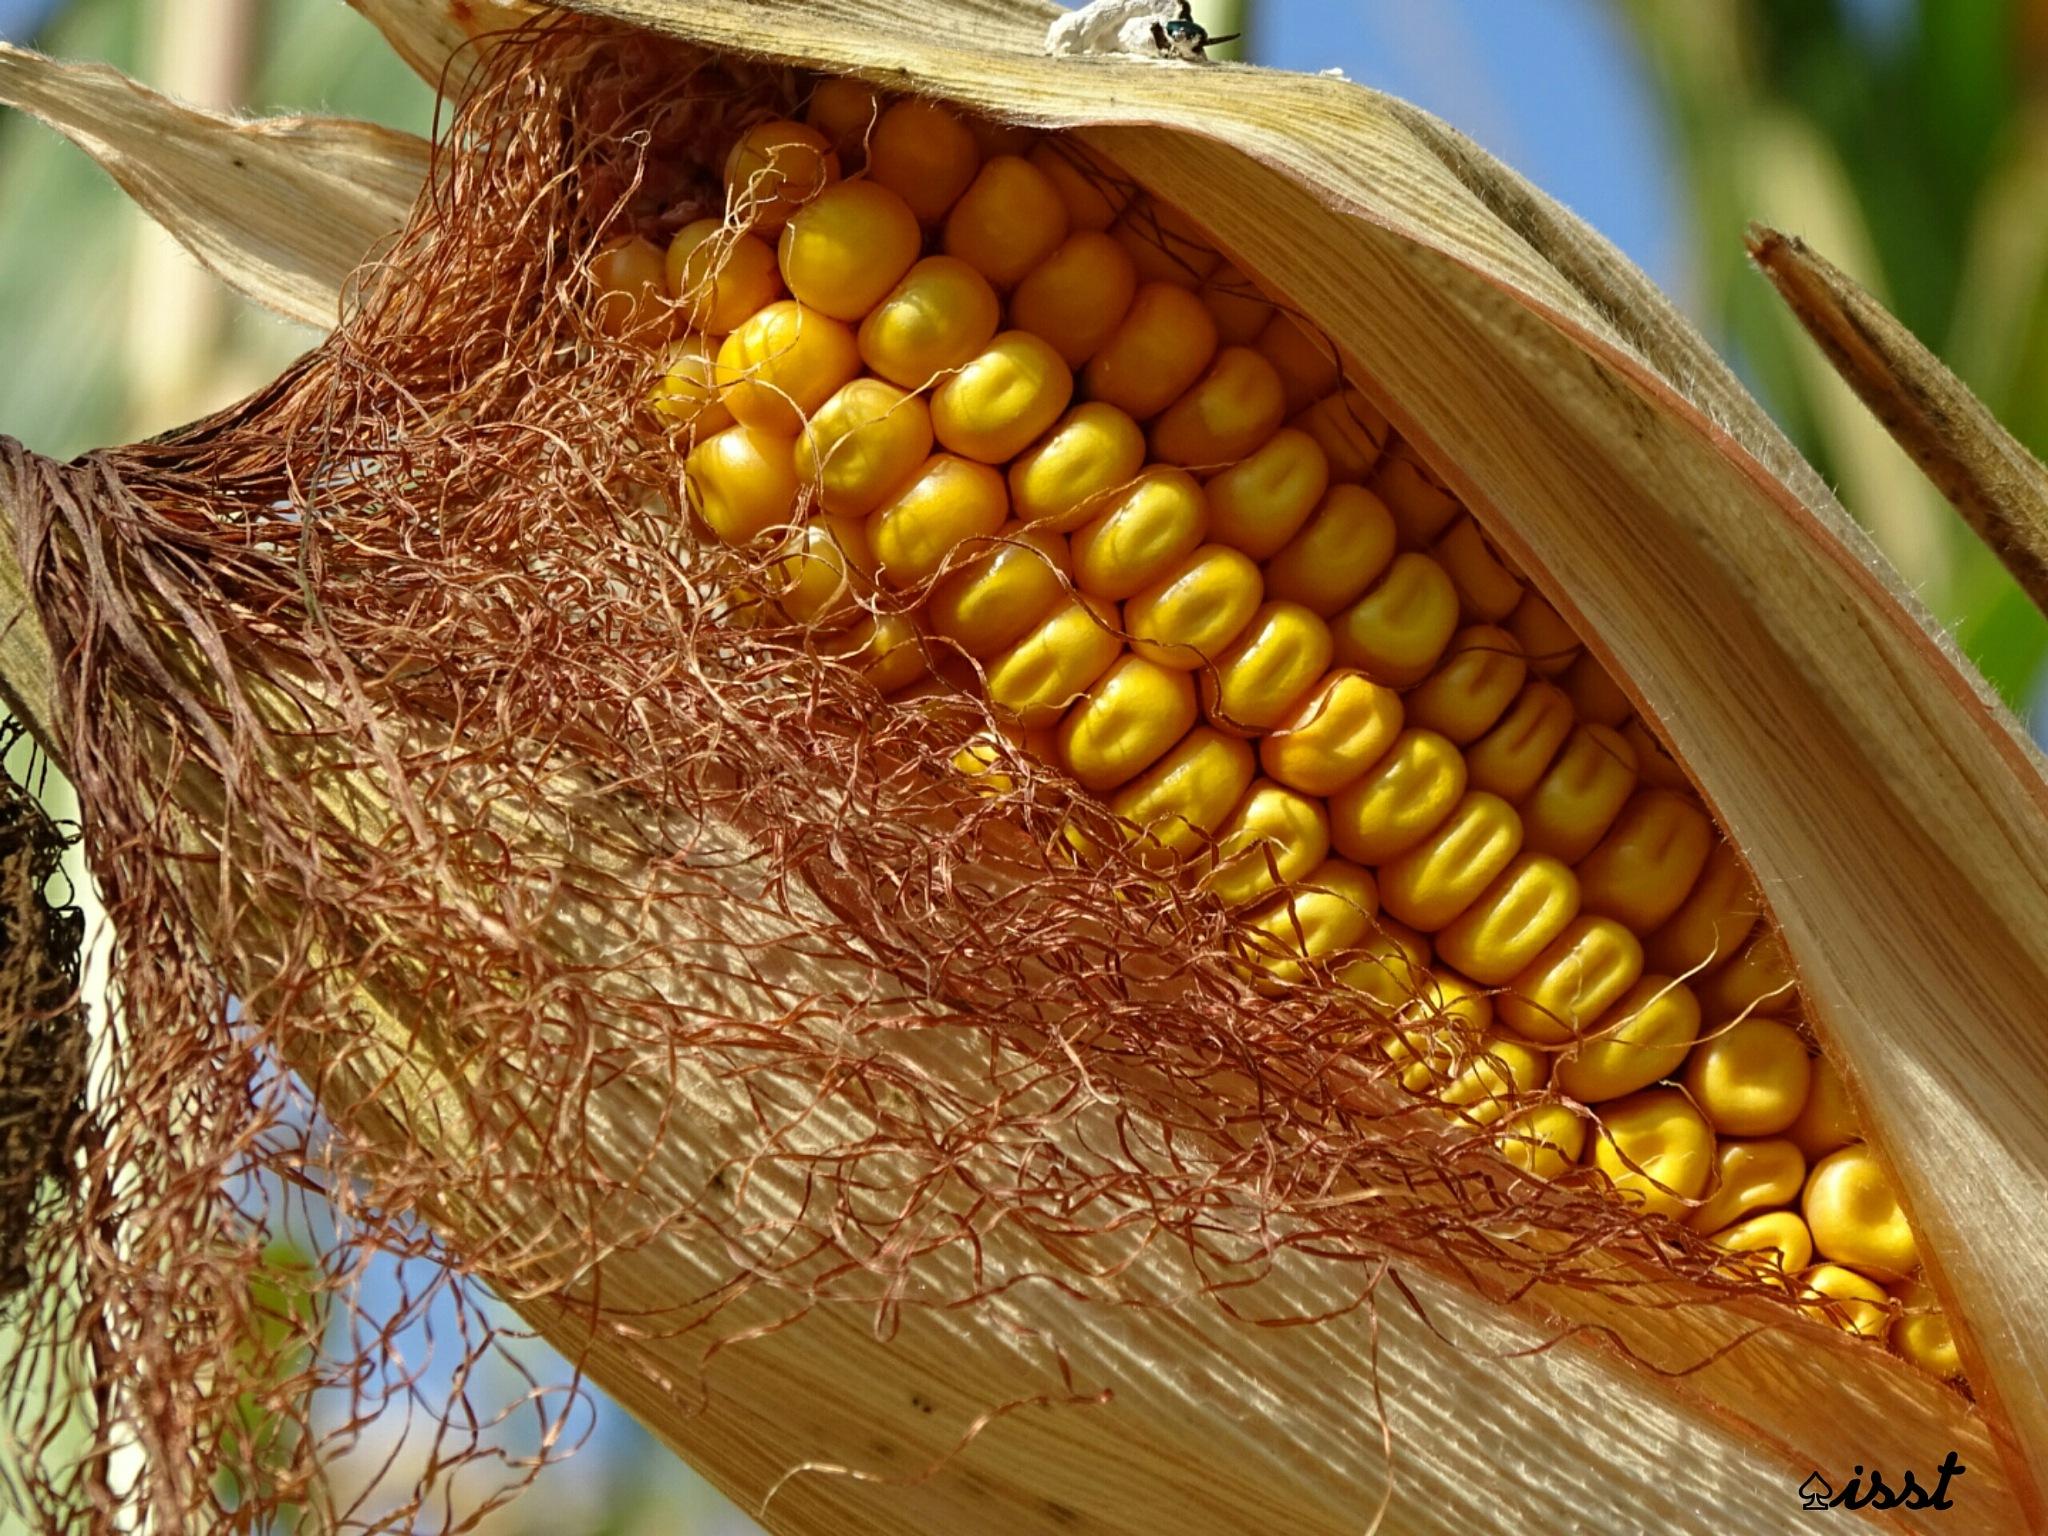 Corn by Isa Bel